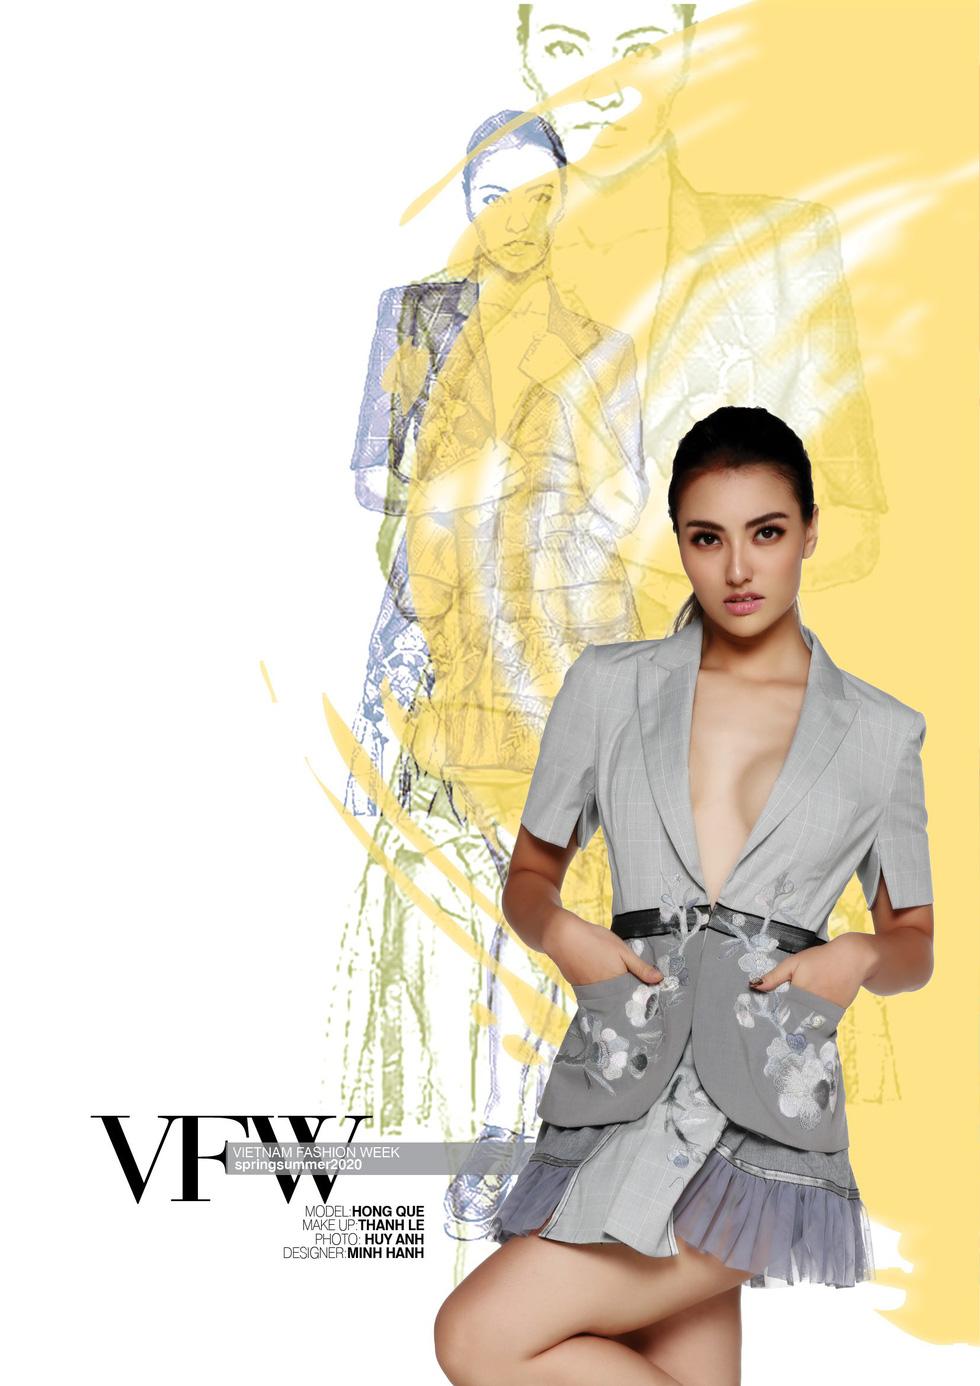 NTK Minh Hạnh: Sao phải đợi Louis Vuitton, ta mới thấy Việt Nam mình đẹp! - Ảnh 13.